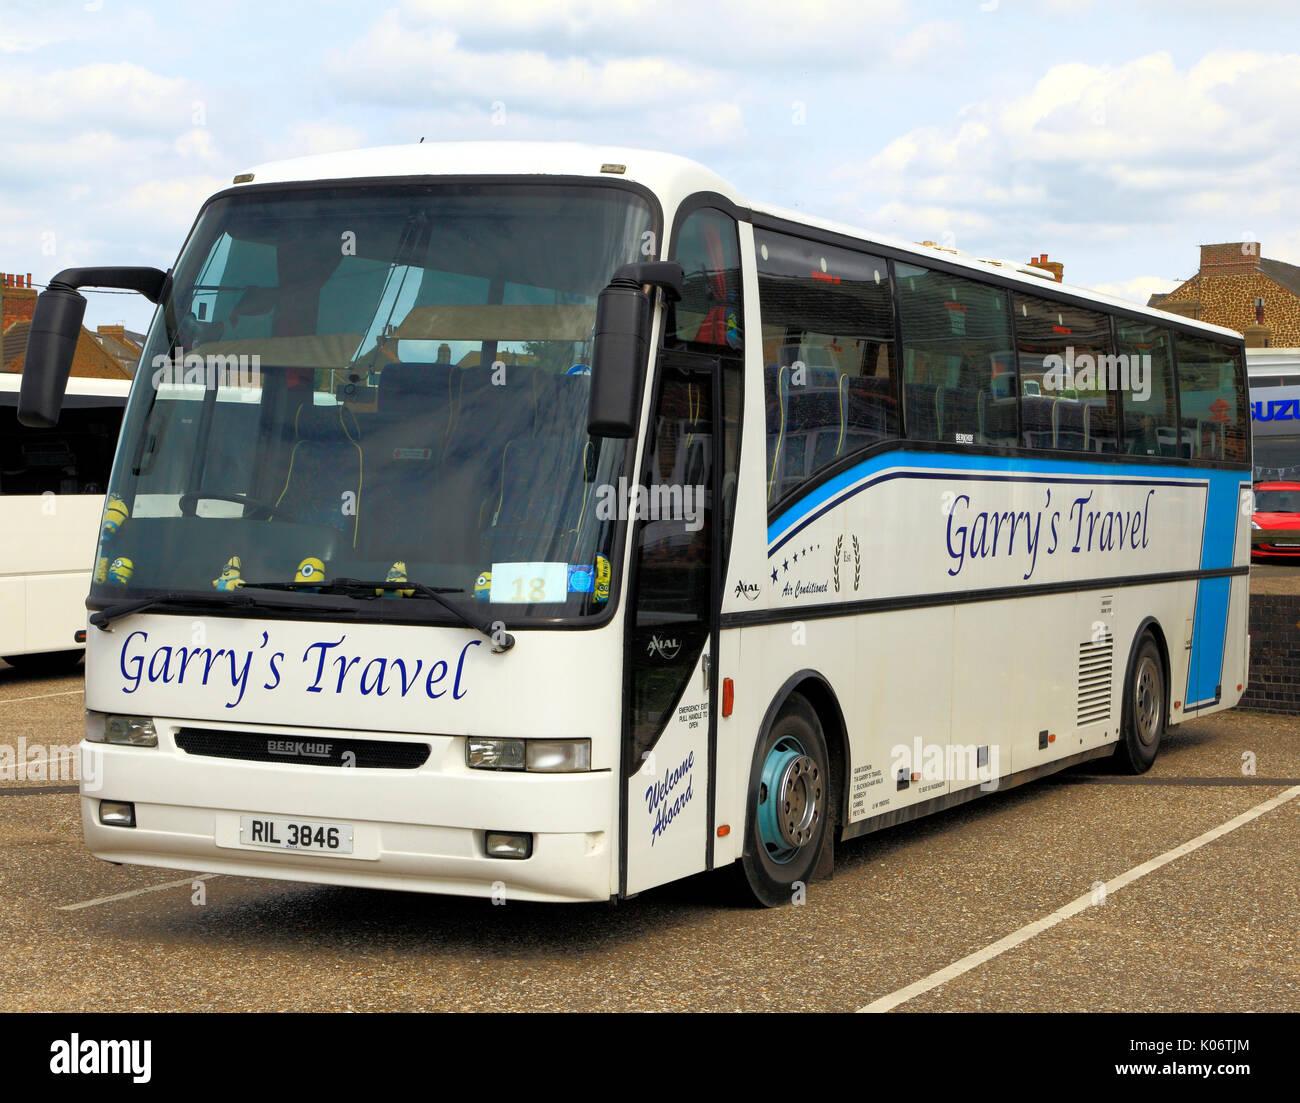 Garry's Travel, coach, entrenadores, día de viaje, viajes, excursiones, excursiones, vacaciones, viajes, empresa, empresas, transporte, Inglaterra, Reino Unido. Imagen De Stock